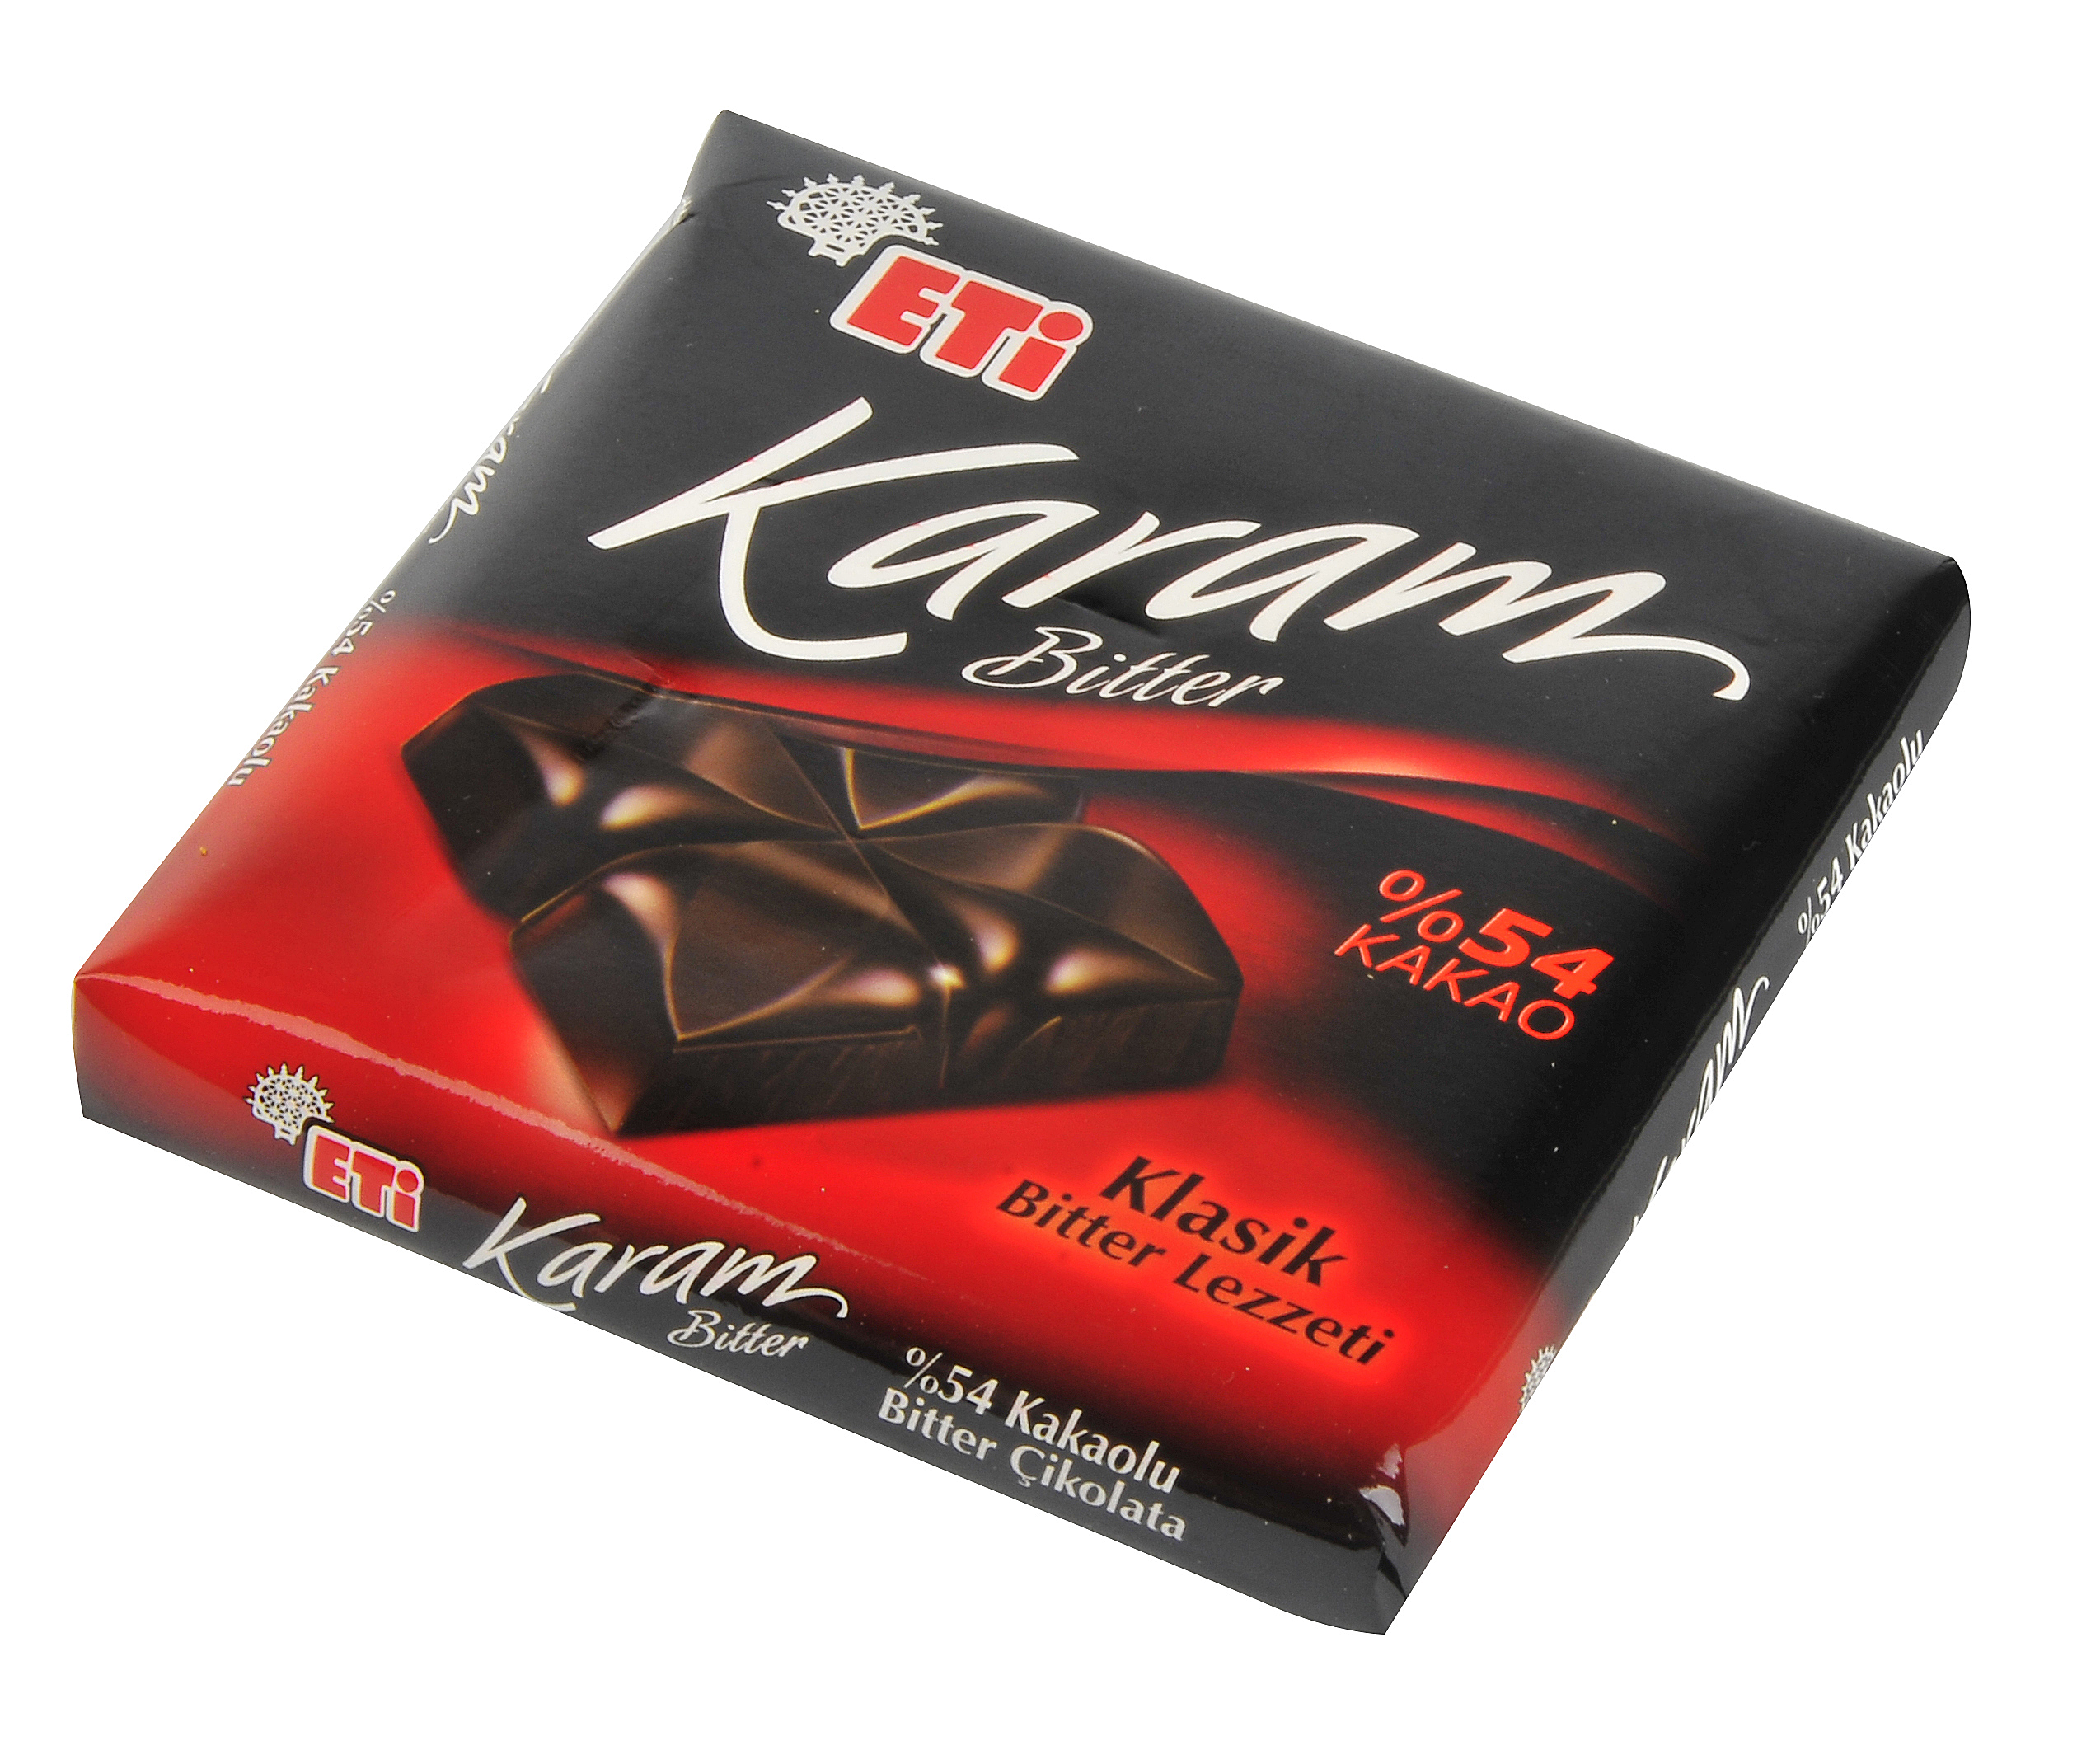 Bitte choklad eti coklat pahit - buy buatan coklat,cokelat dibungkus secara